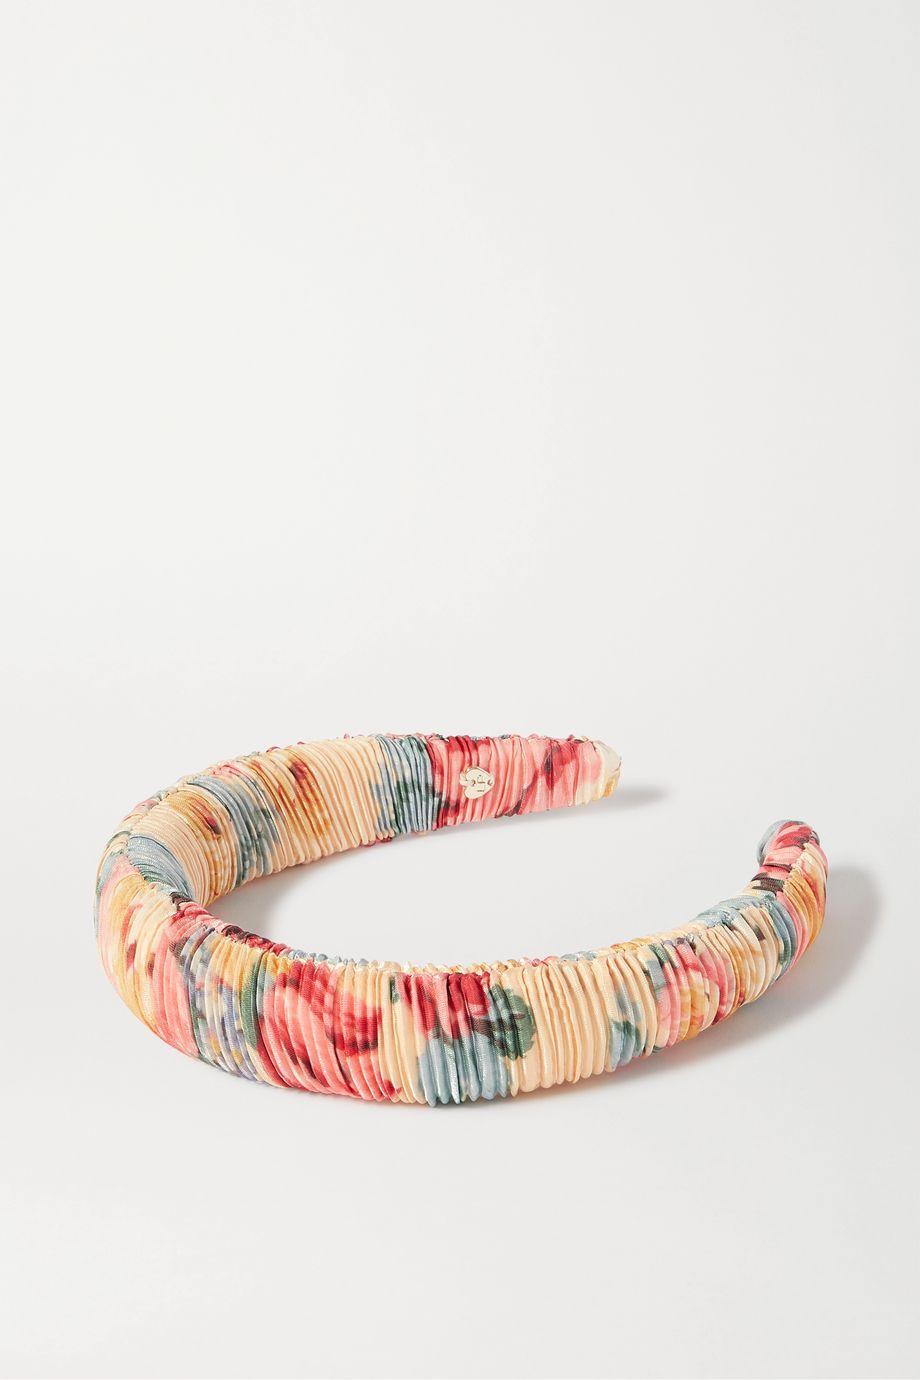 Loeffler Randall Marina ruched floral-print satin headband